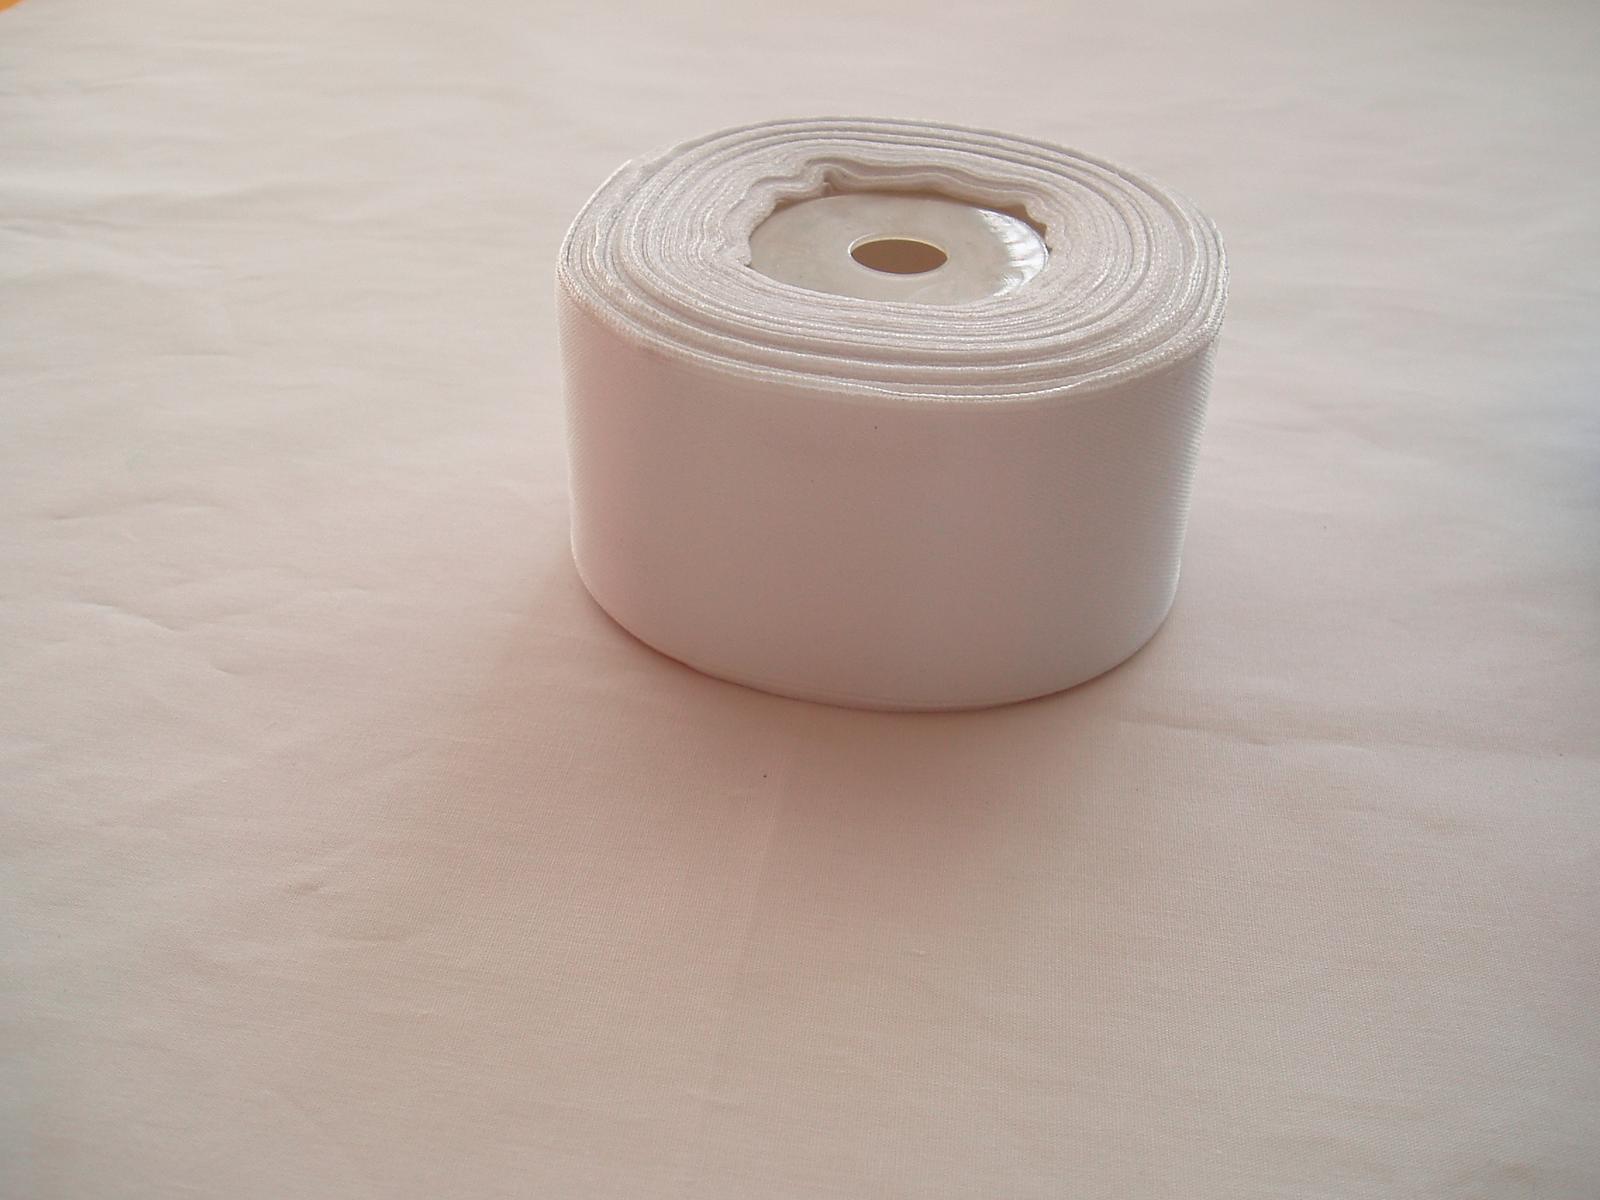 saténová stuha bílá-4 cm - Obrázek č. 1